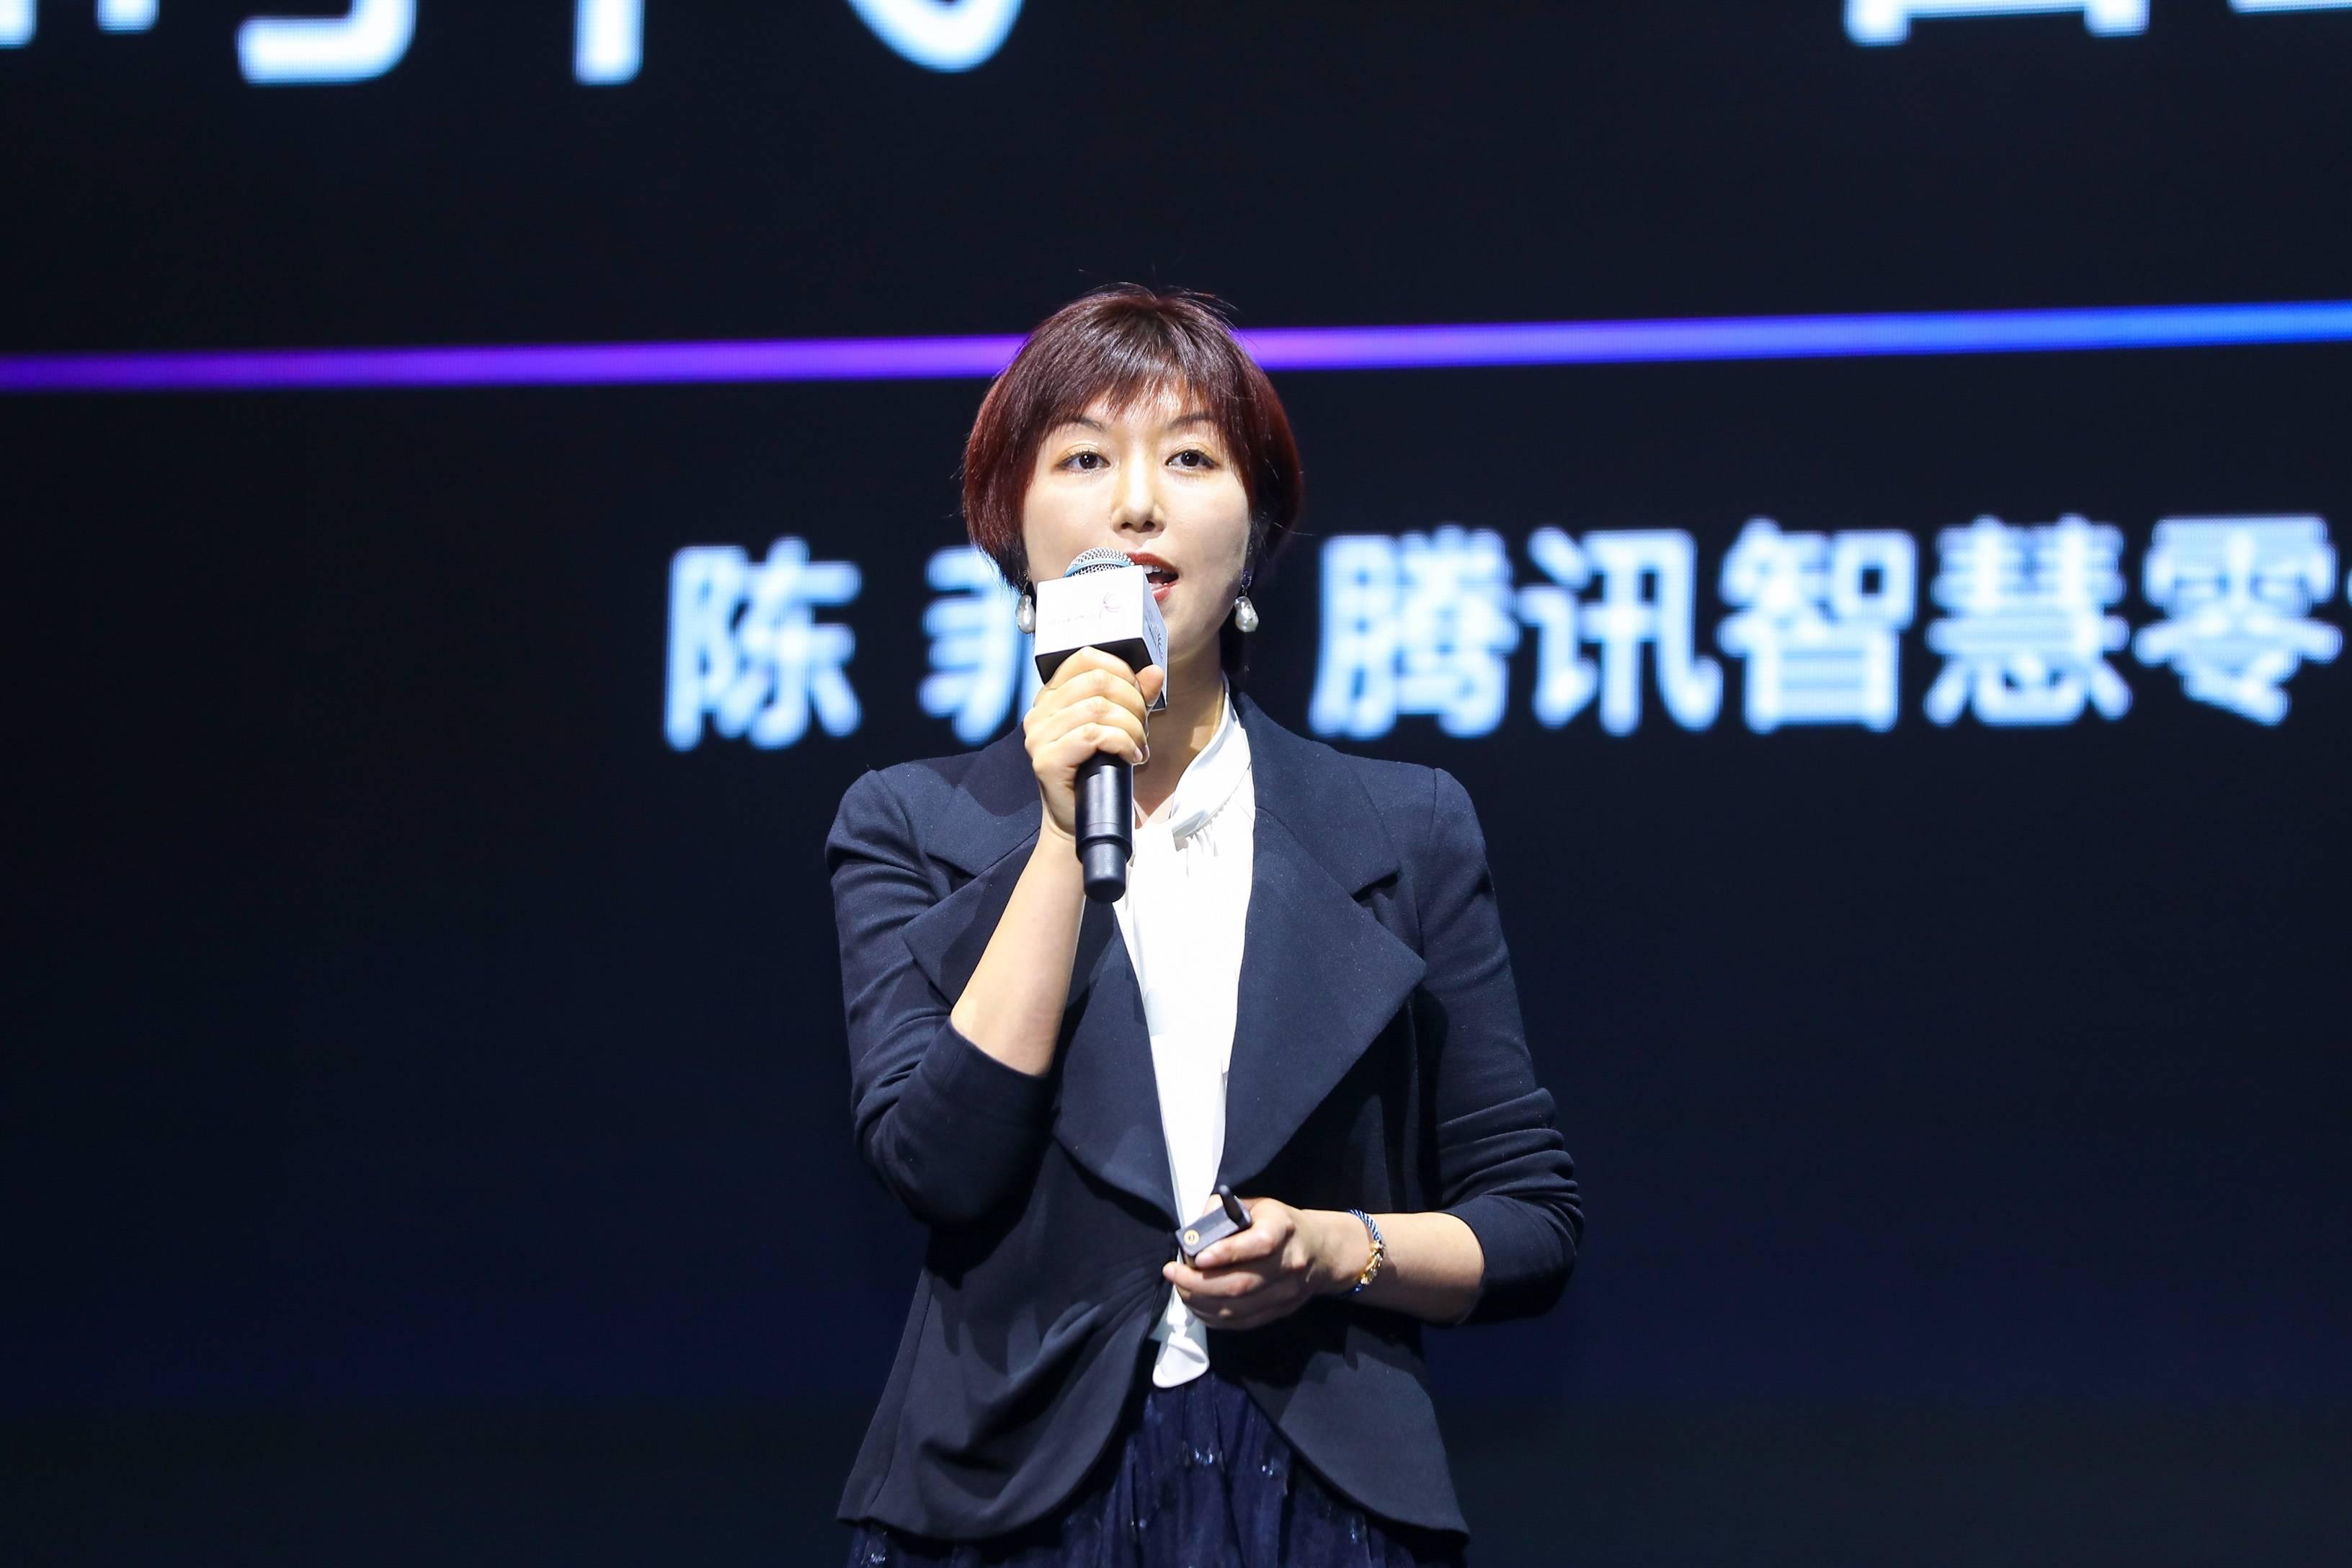 騰訊智慧零售出席2021中國國際零售創新大會 以私域業態助力零售新增長